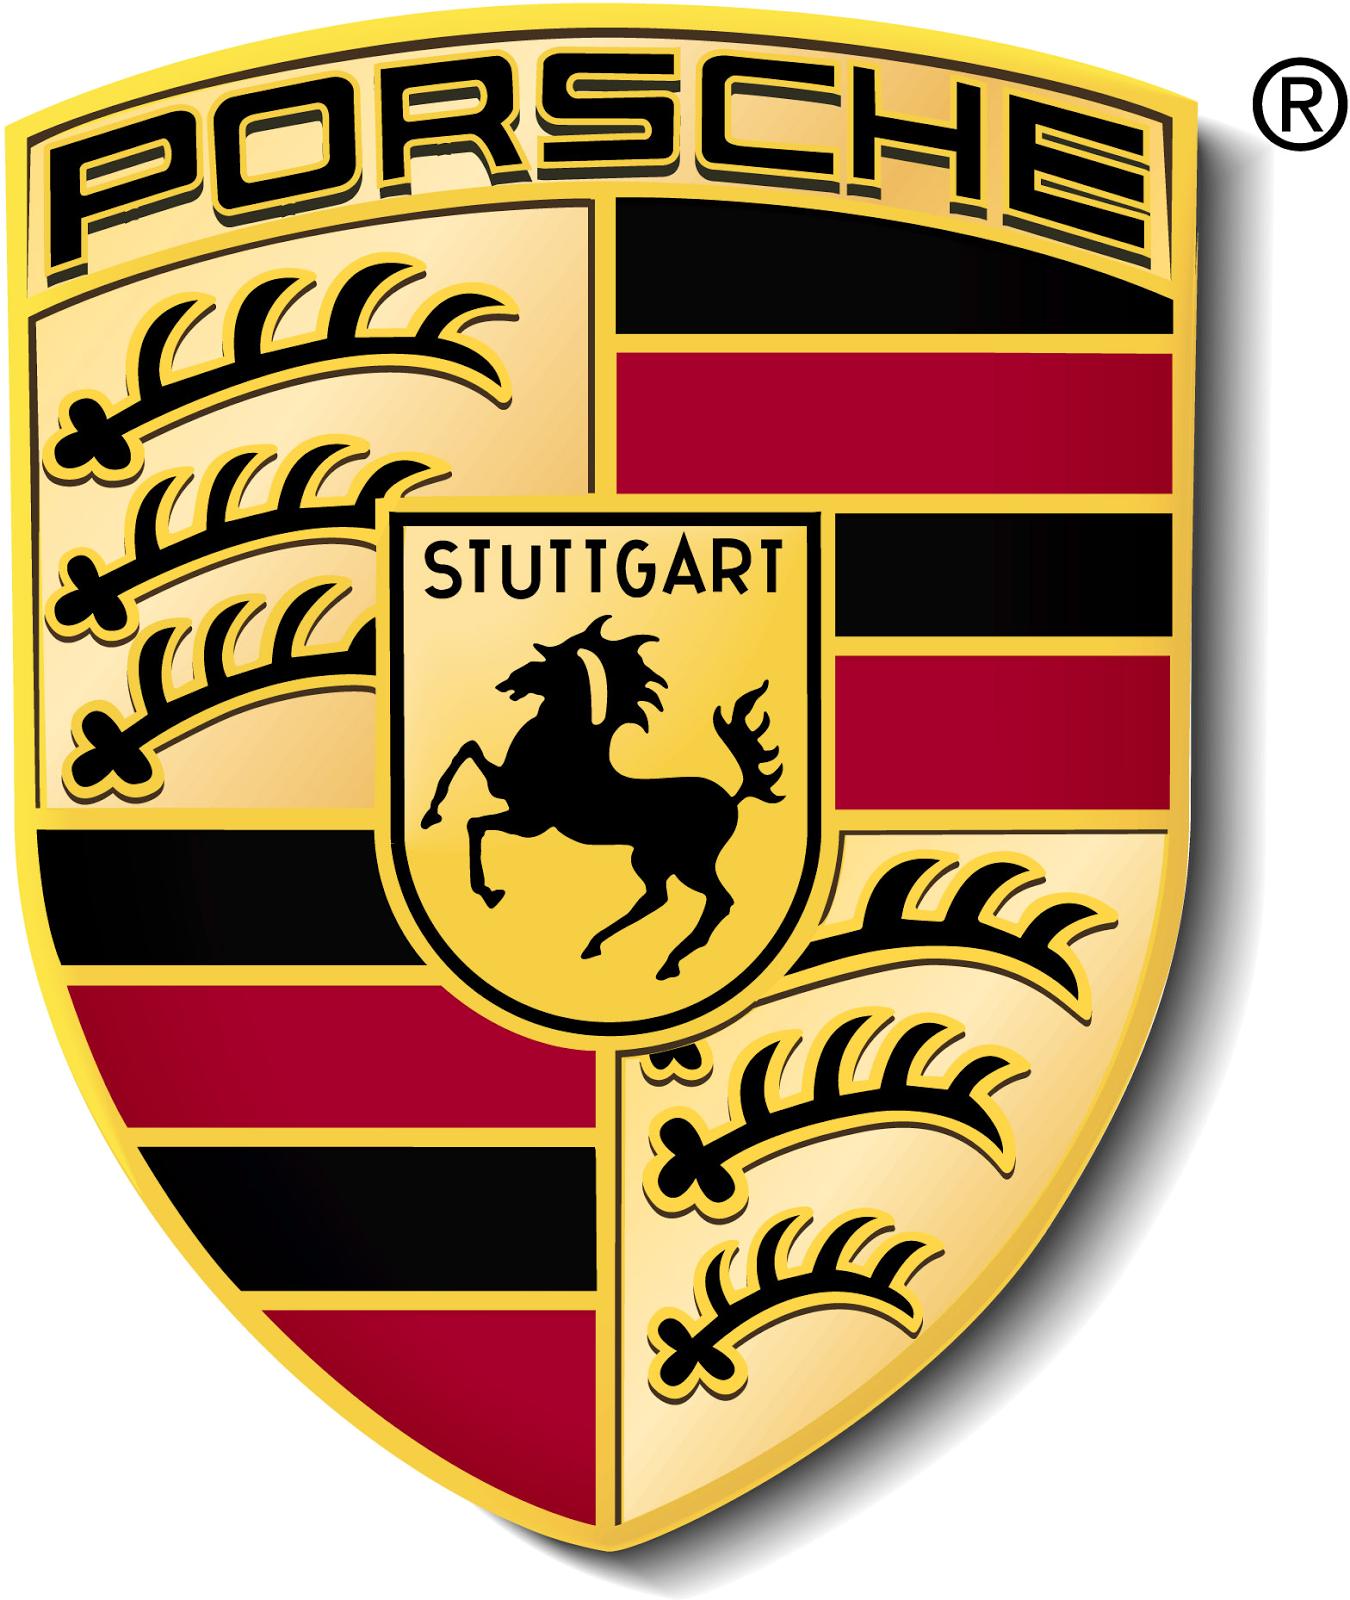 Porsche Car Logos - Carlogo HD PNG